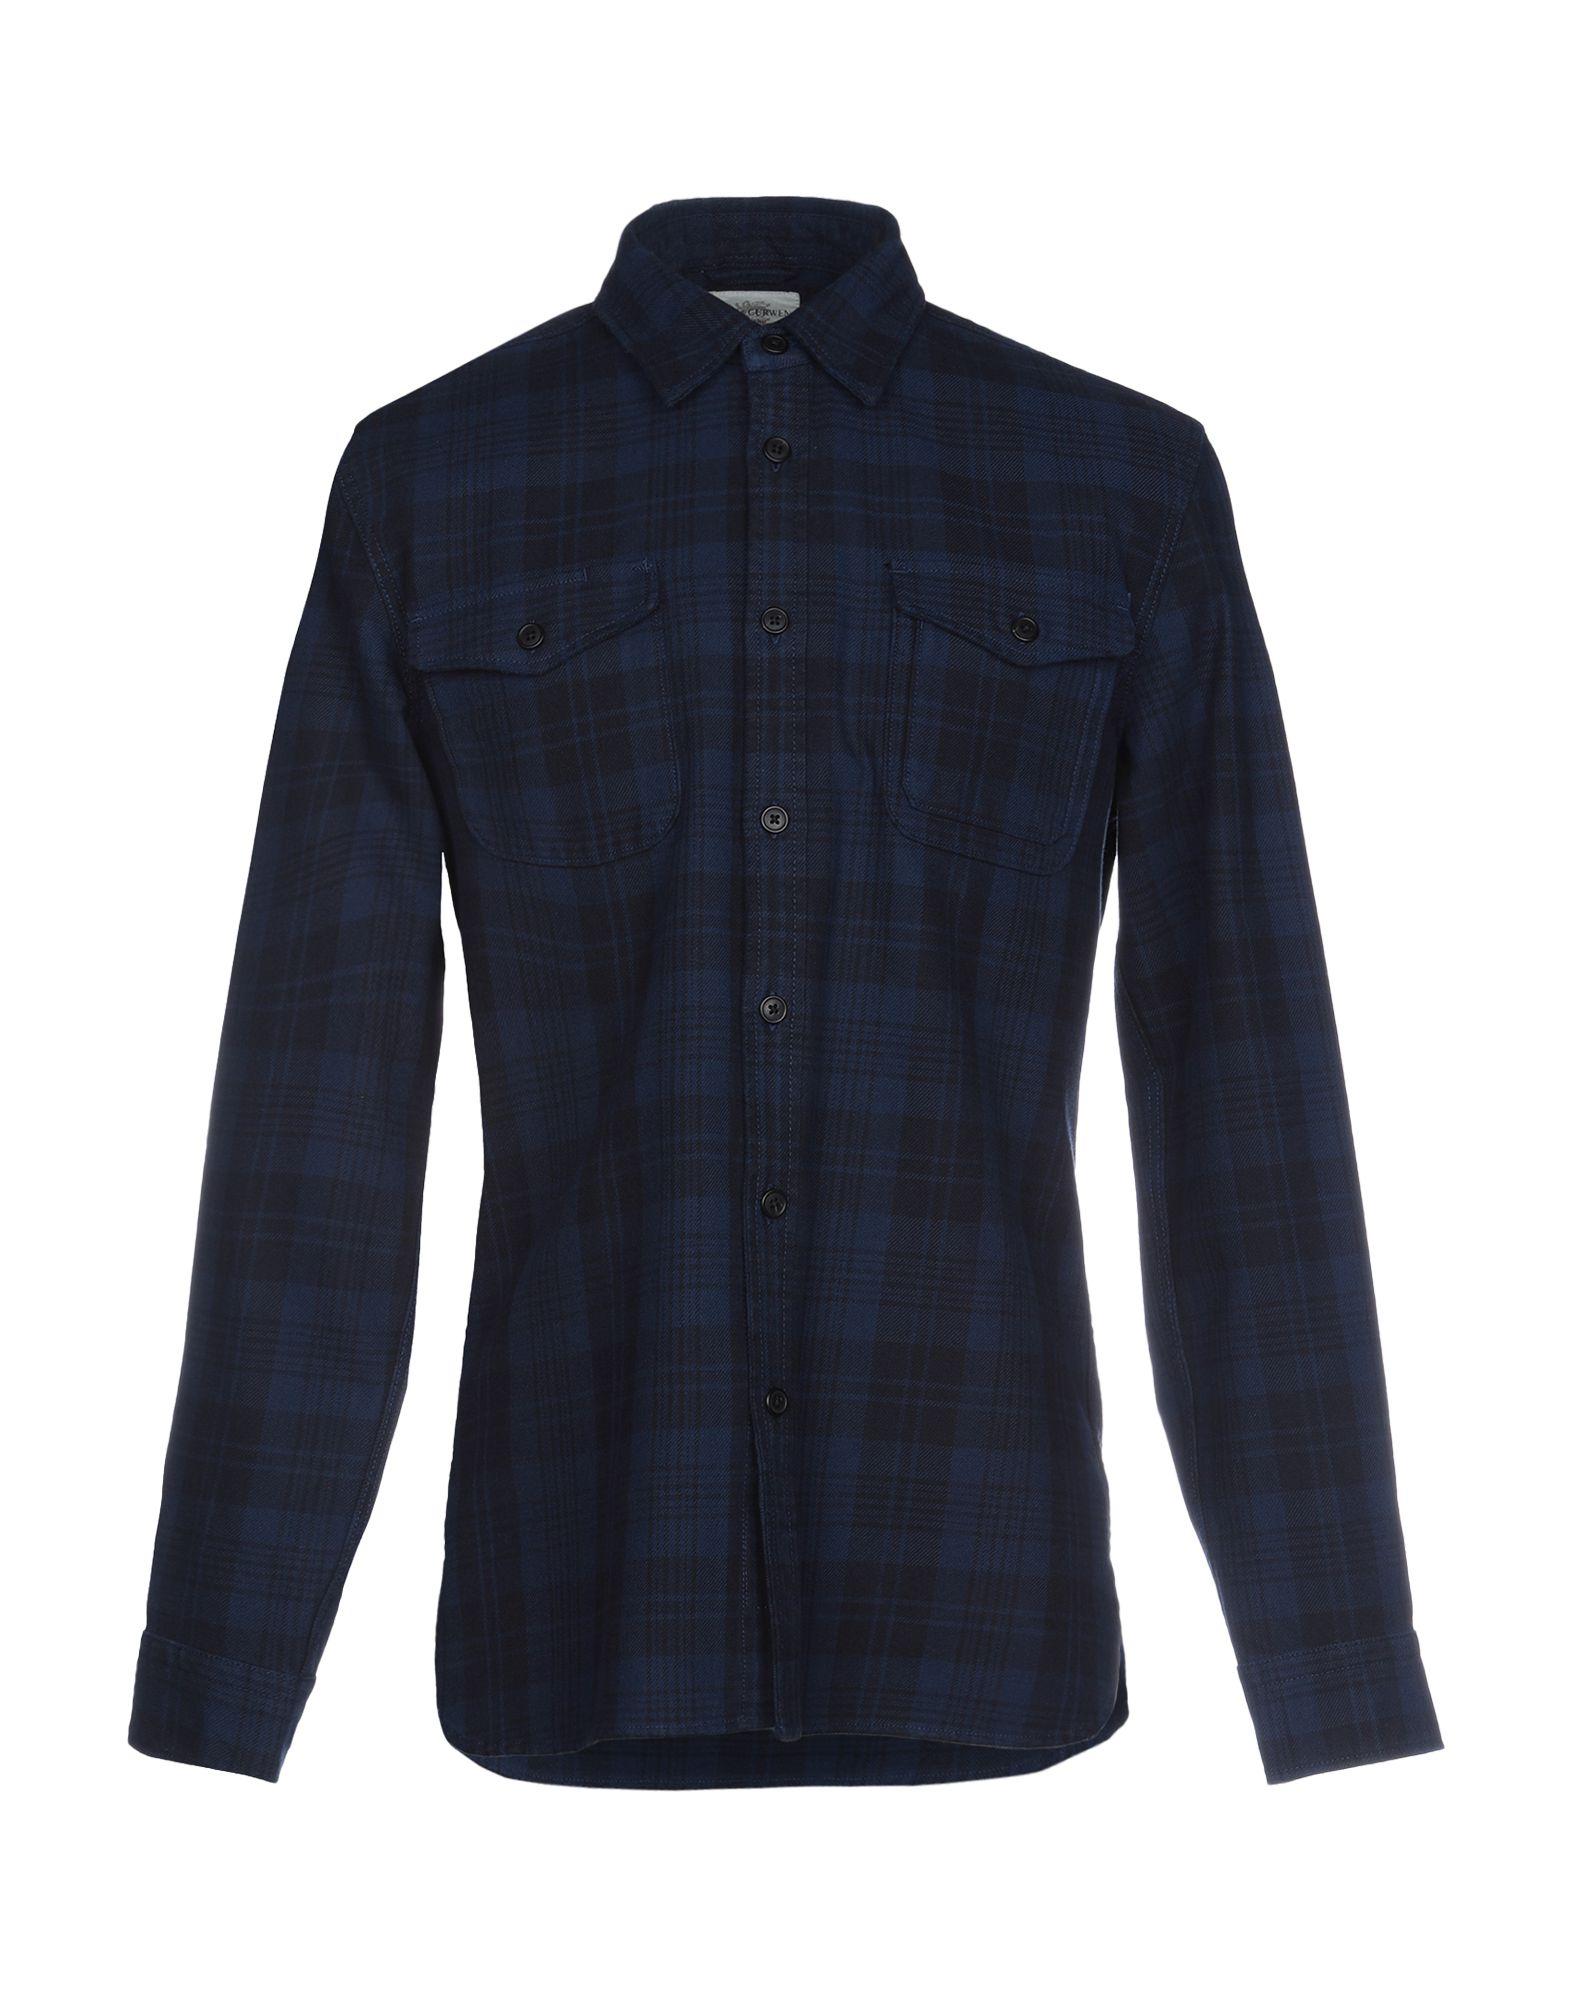 《送料無料》KENT & CURWEN メンズ シャツ ブルー XS コットン 100%